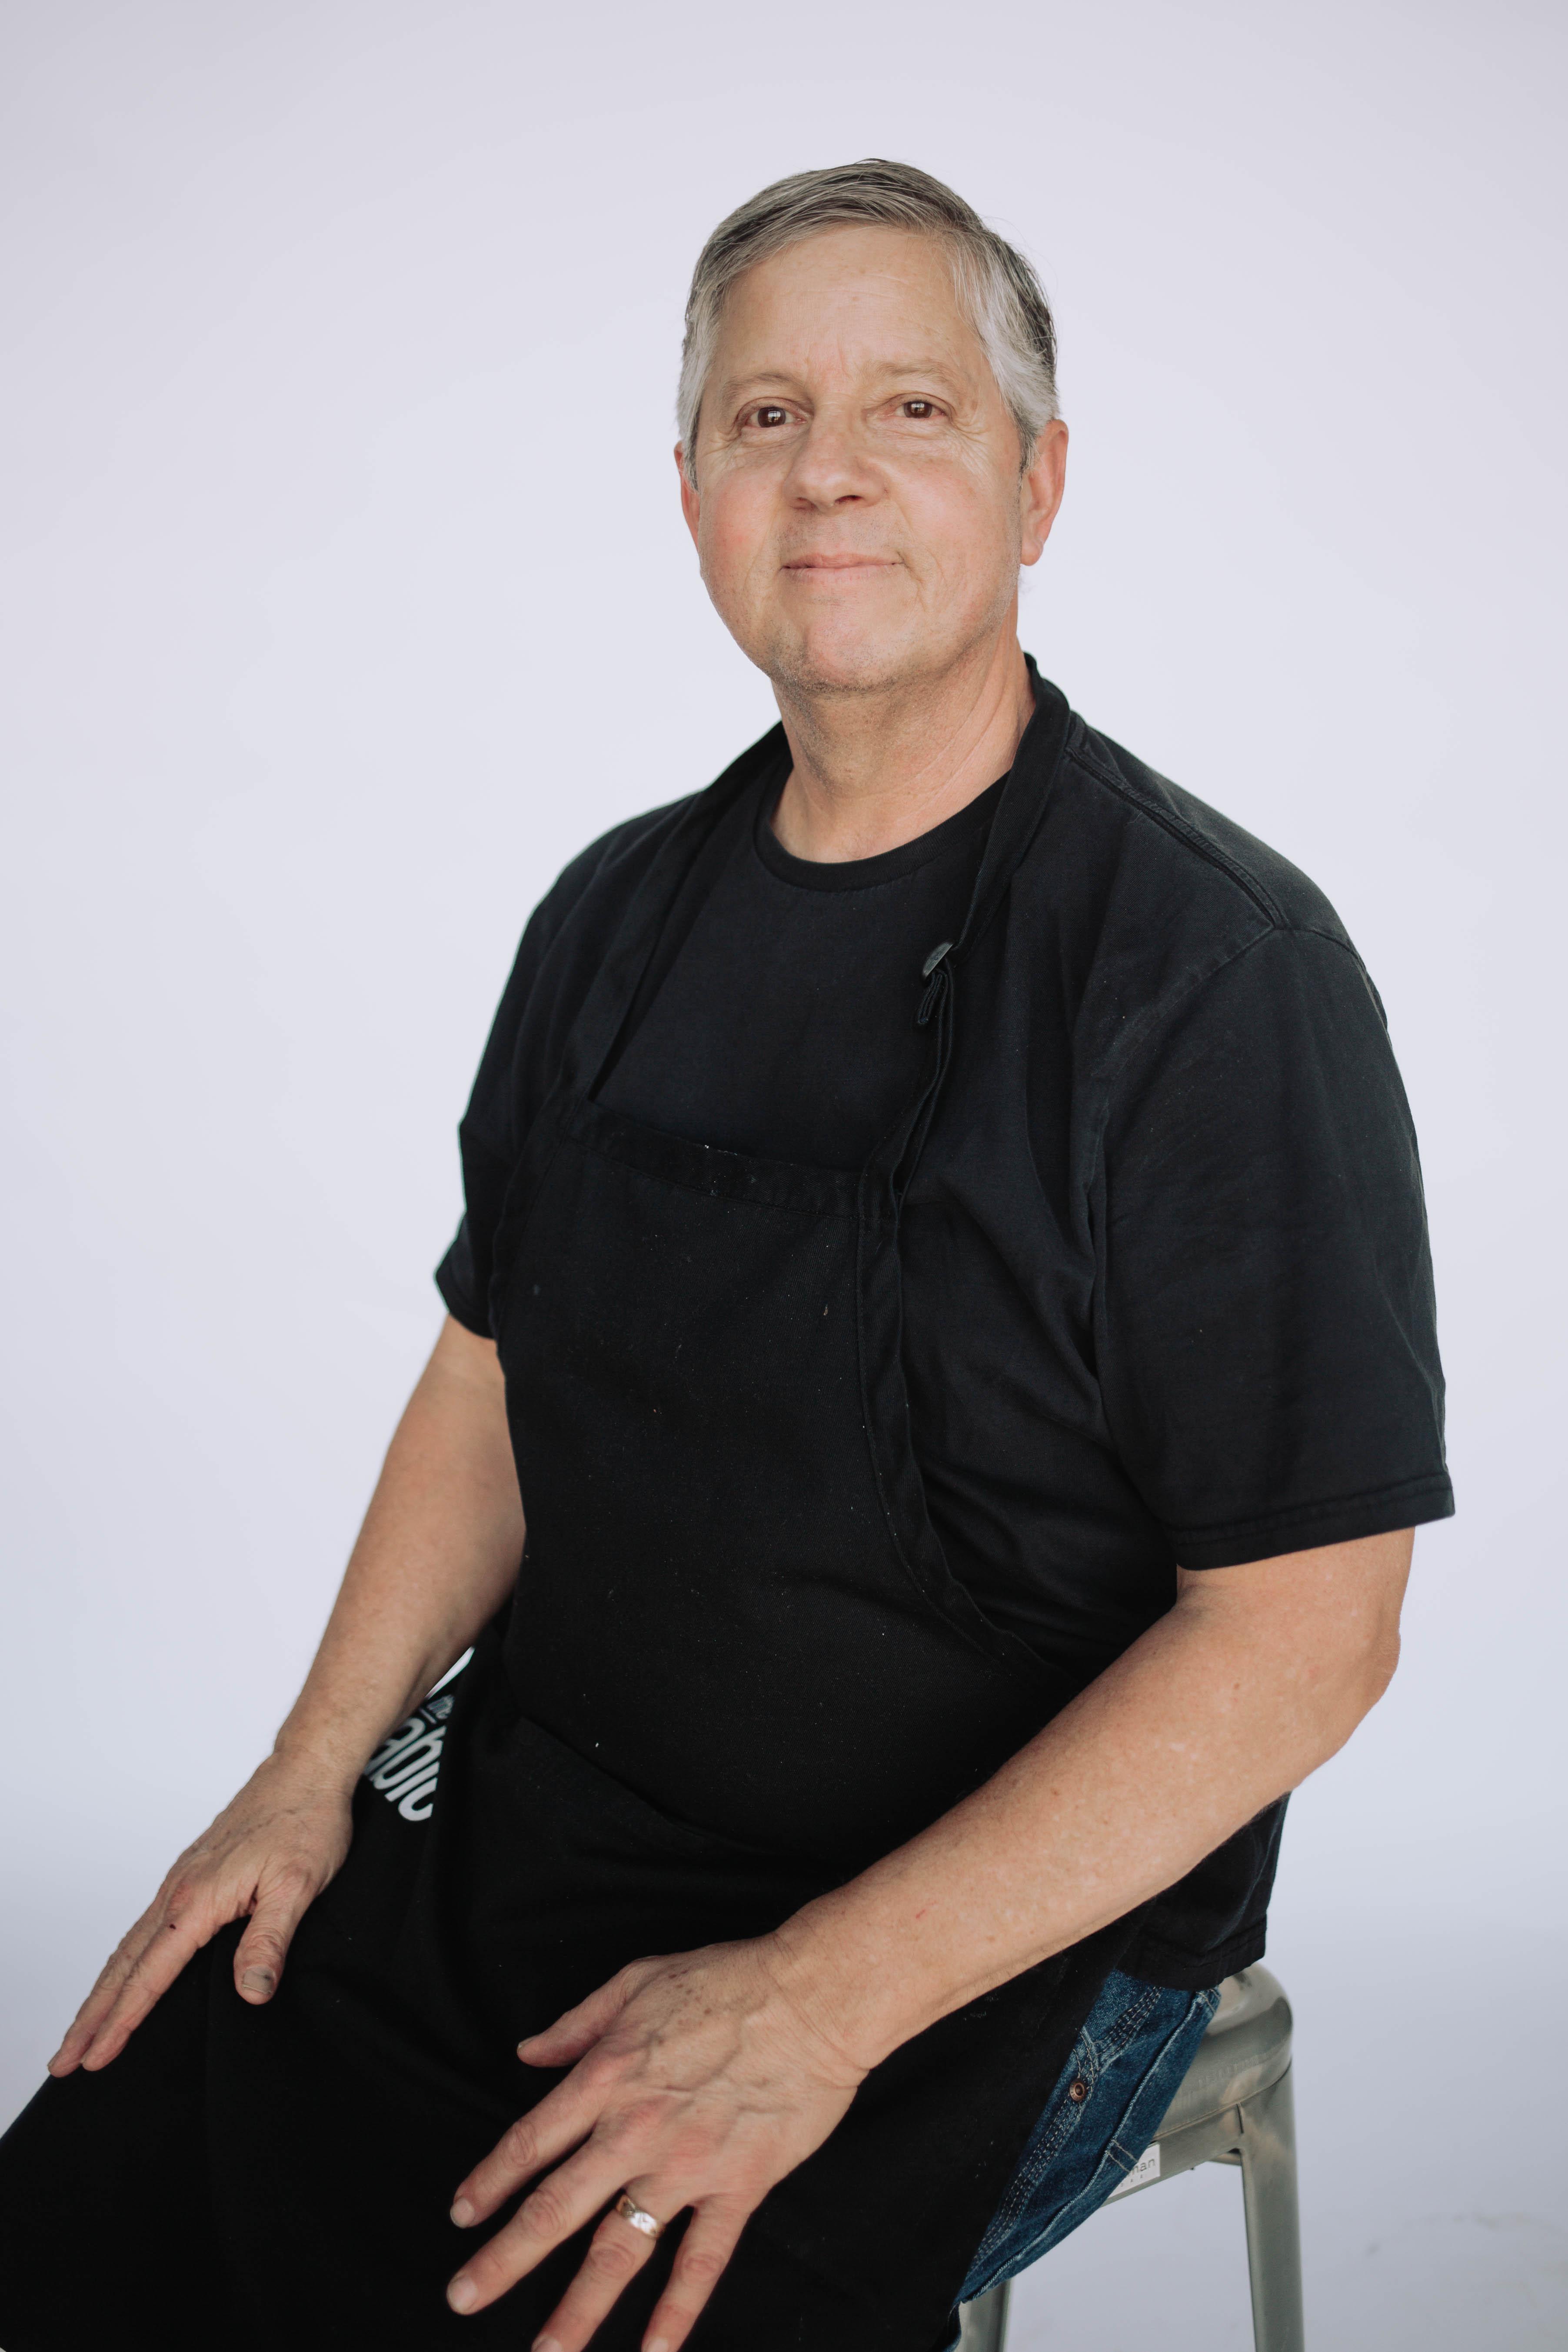 Ben Cordova